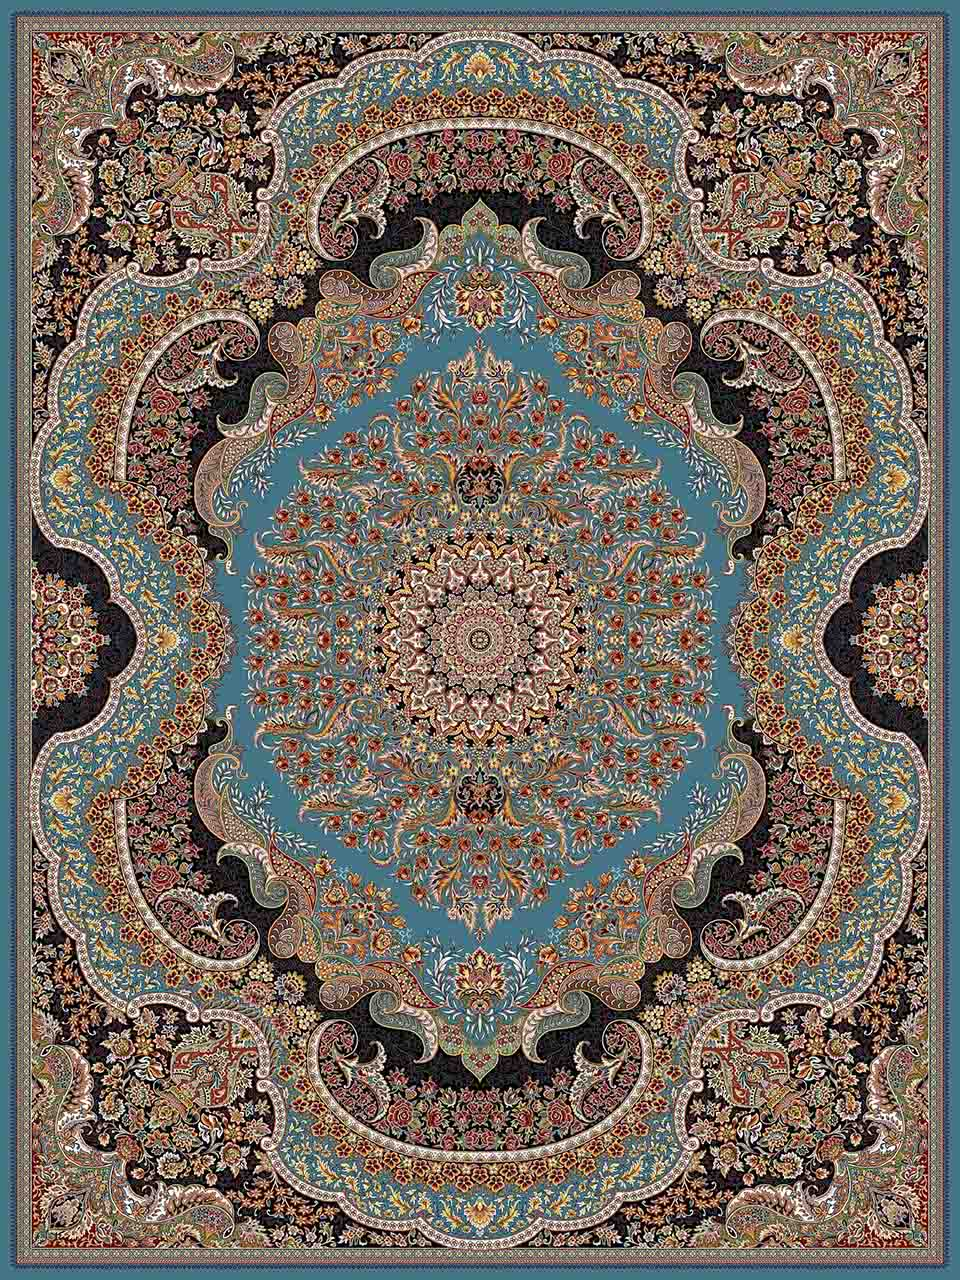 فرش (25014) اکریلیک - 8 رنگ - 700 شانه - آبي - تراکم 2550